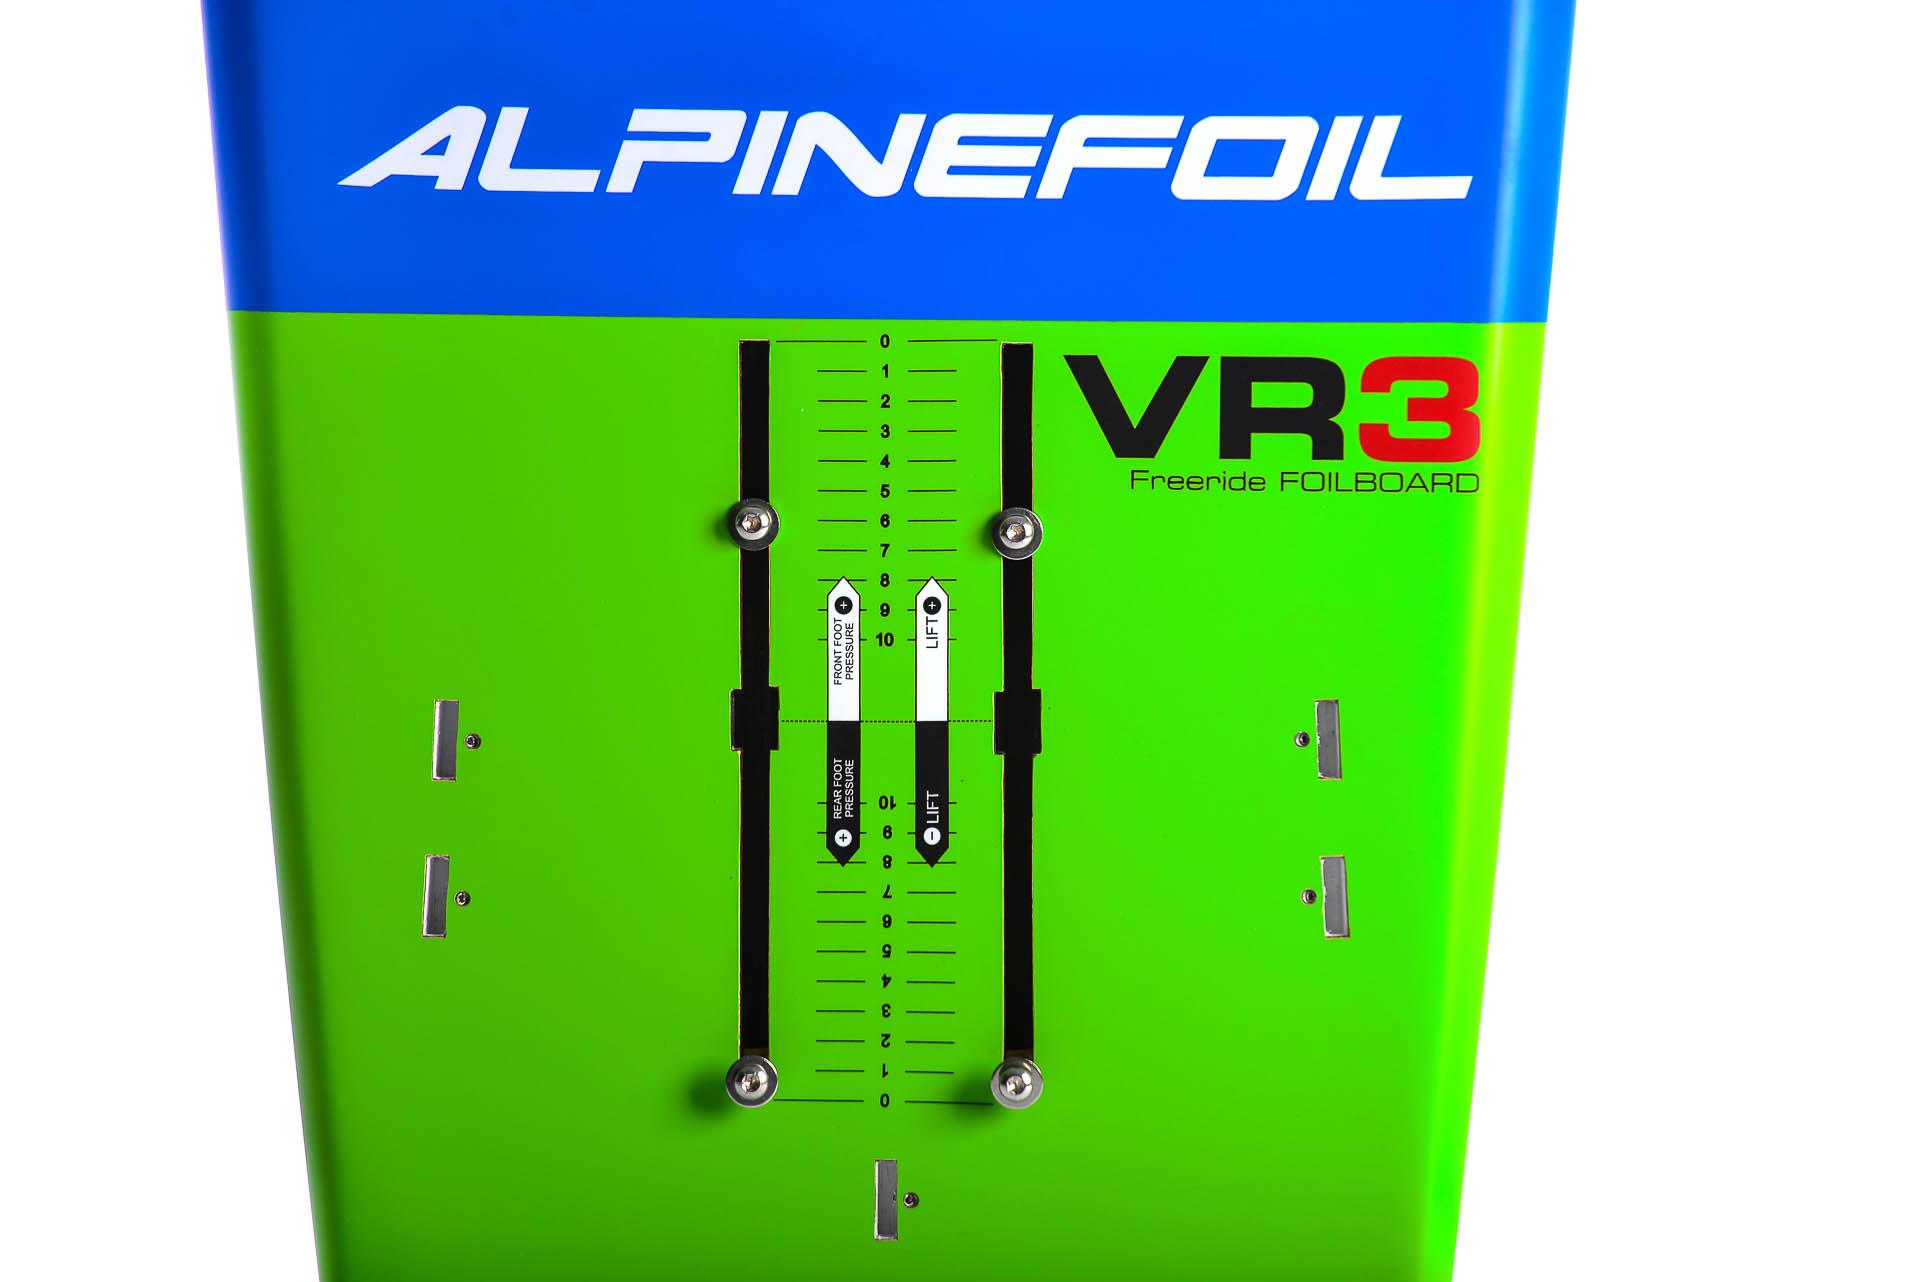 Kitefoil board alpinefoil 9215